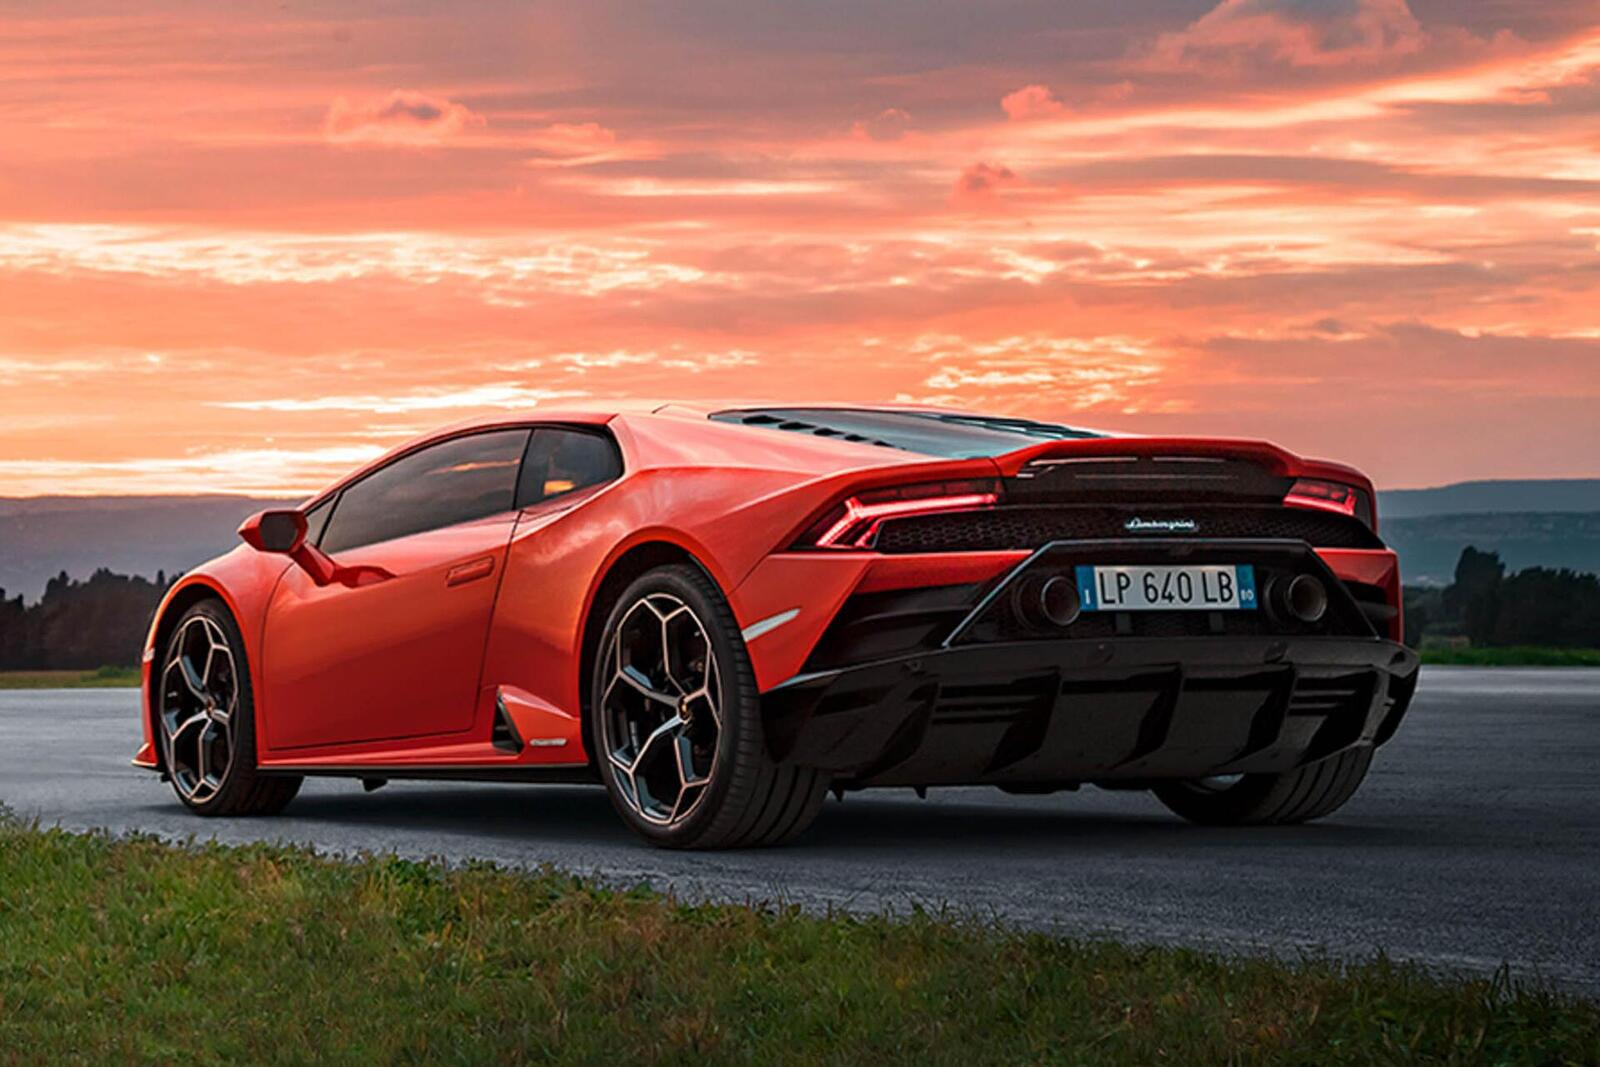 Lamborghini giới thiệu Huracan EVO mới với sức mạnh 640 mã lực - Hình 22